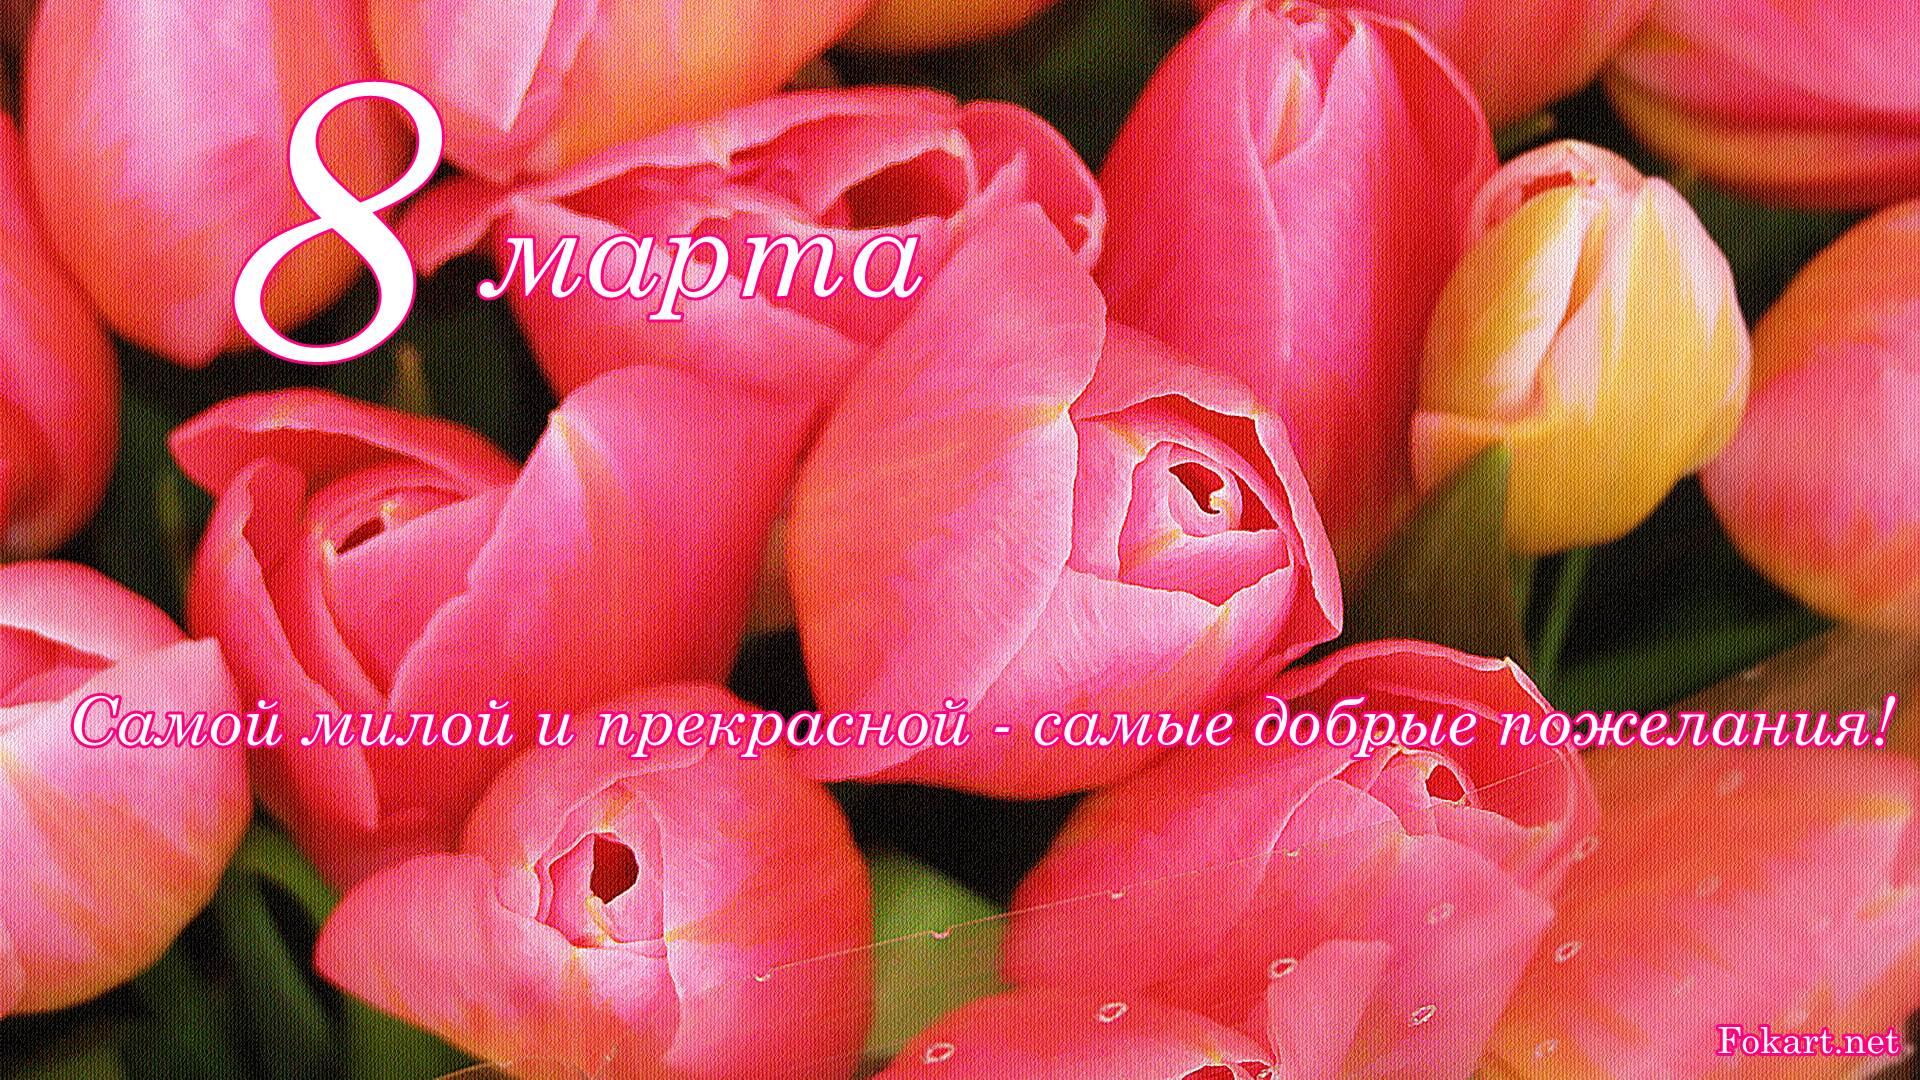 Весенняя открытка с тёмно-розовыми тюльпанами